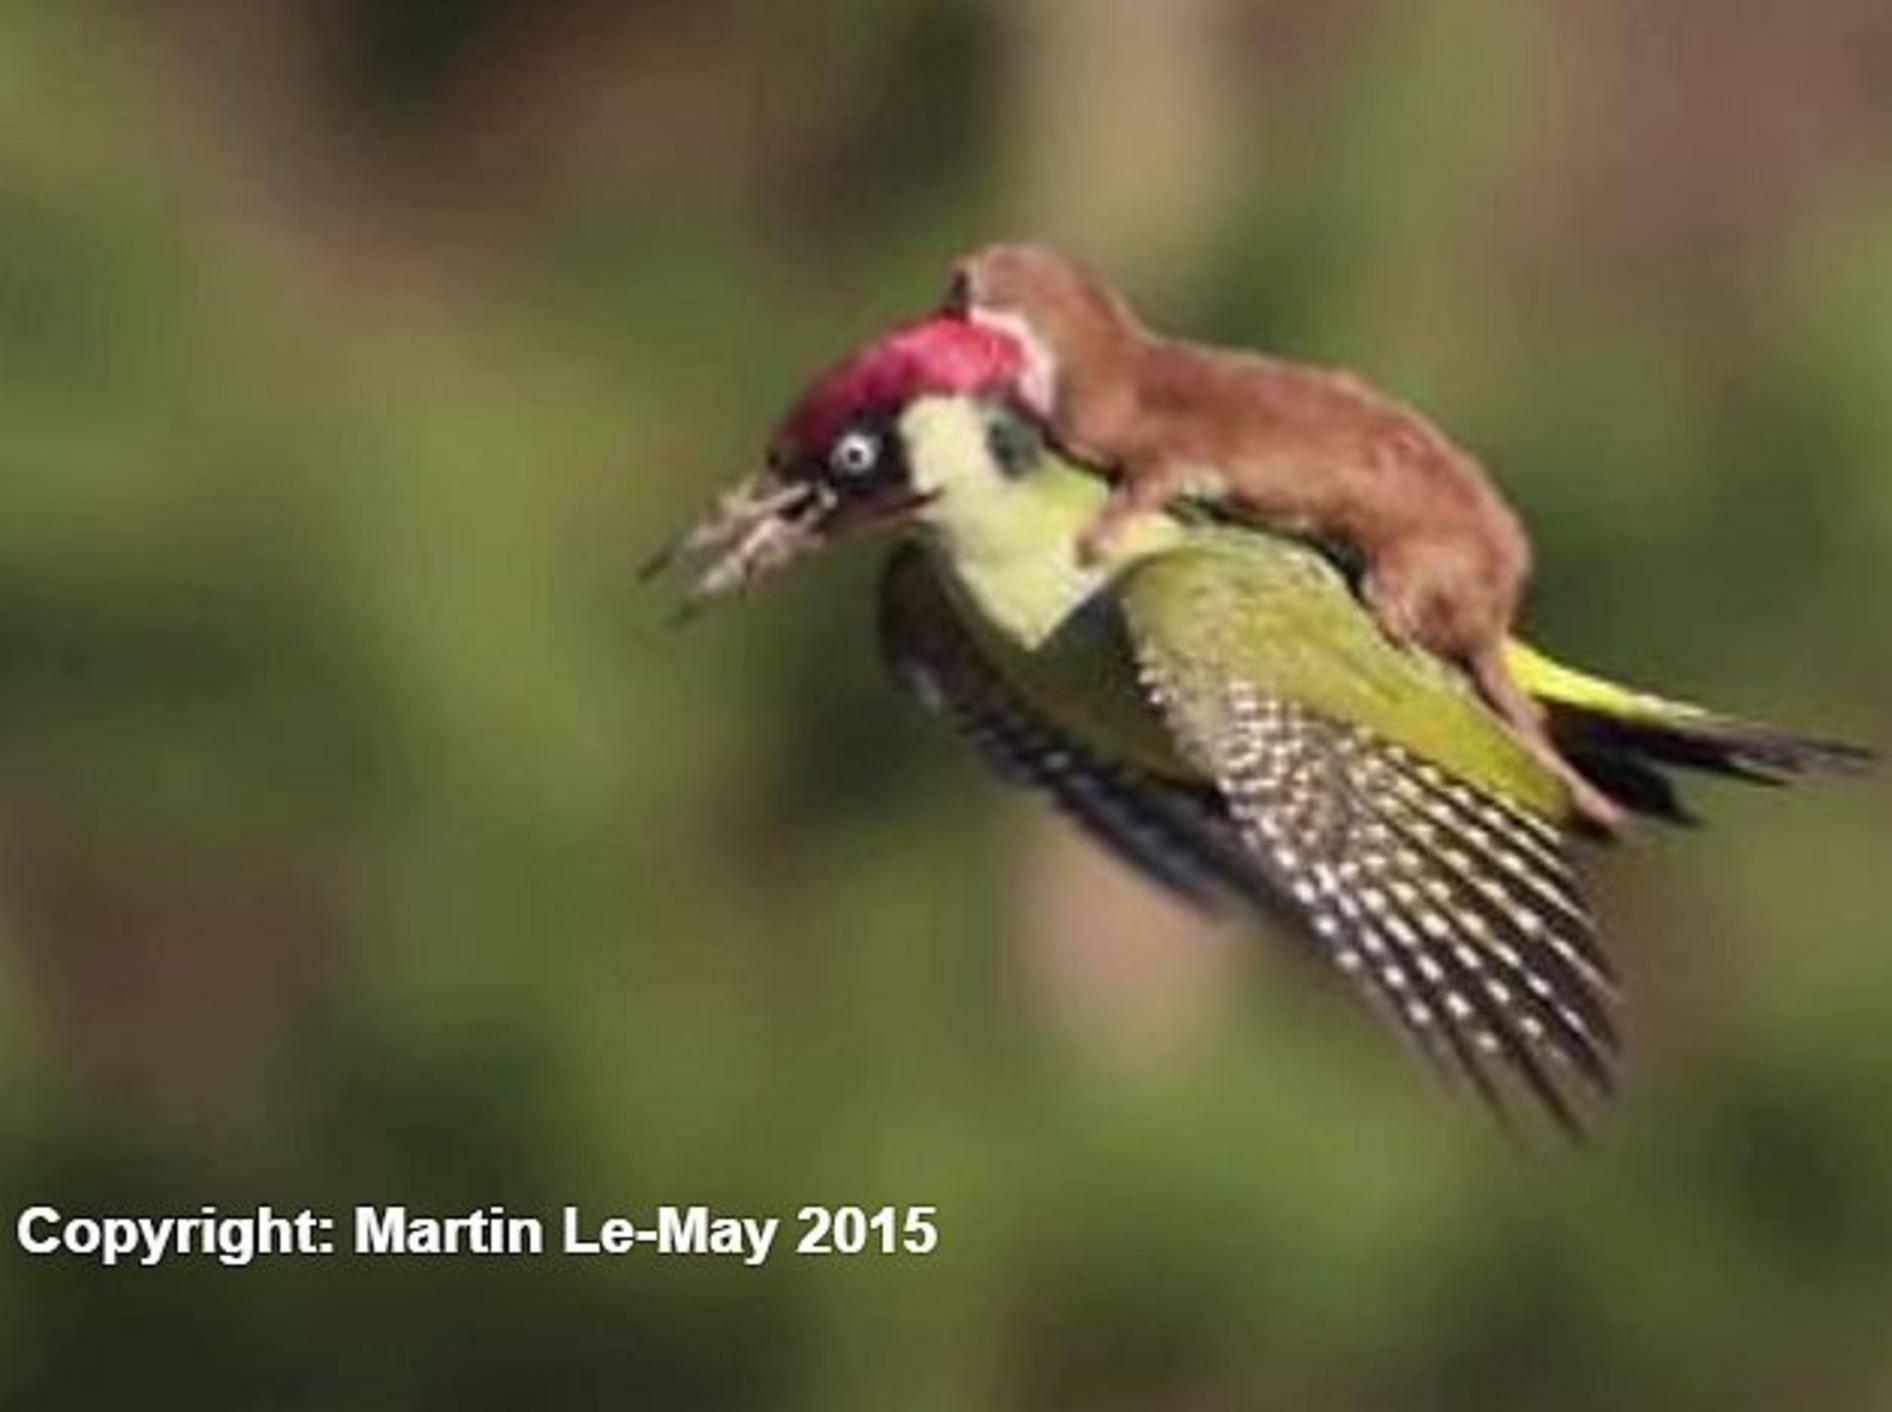 Faszinierende Naturaufnahme: Wiesel reitet Specht – Bild: Youtube / BBC News